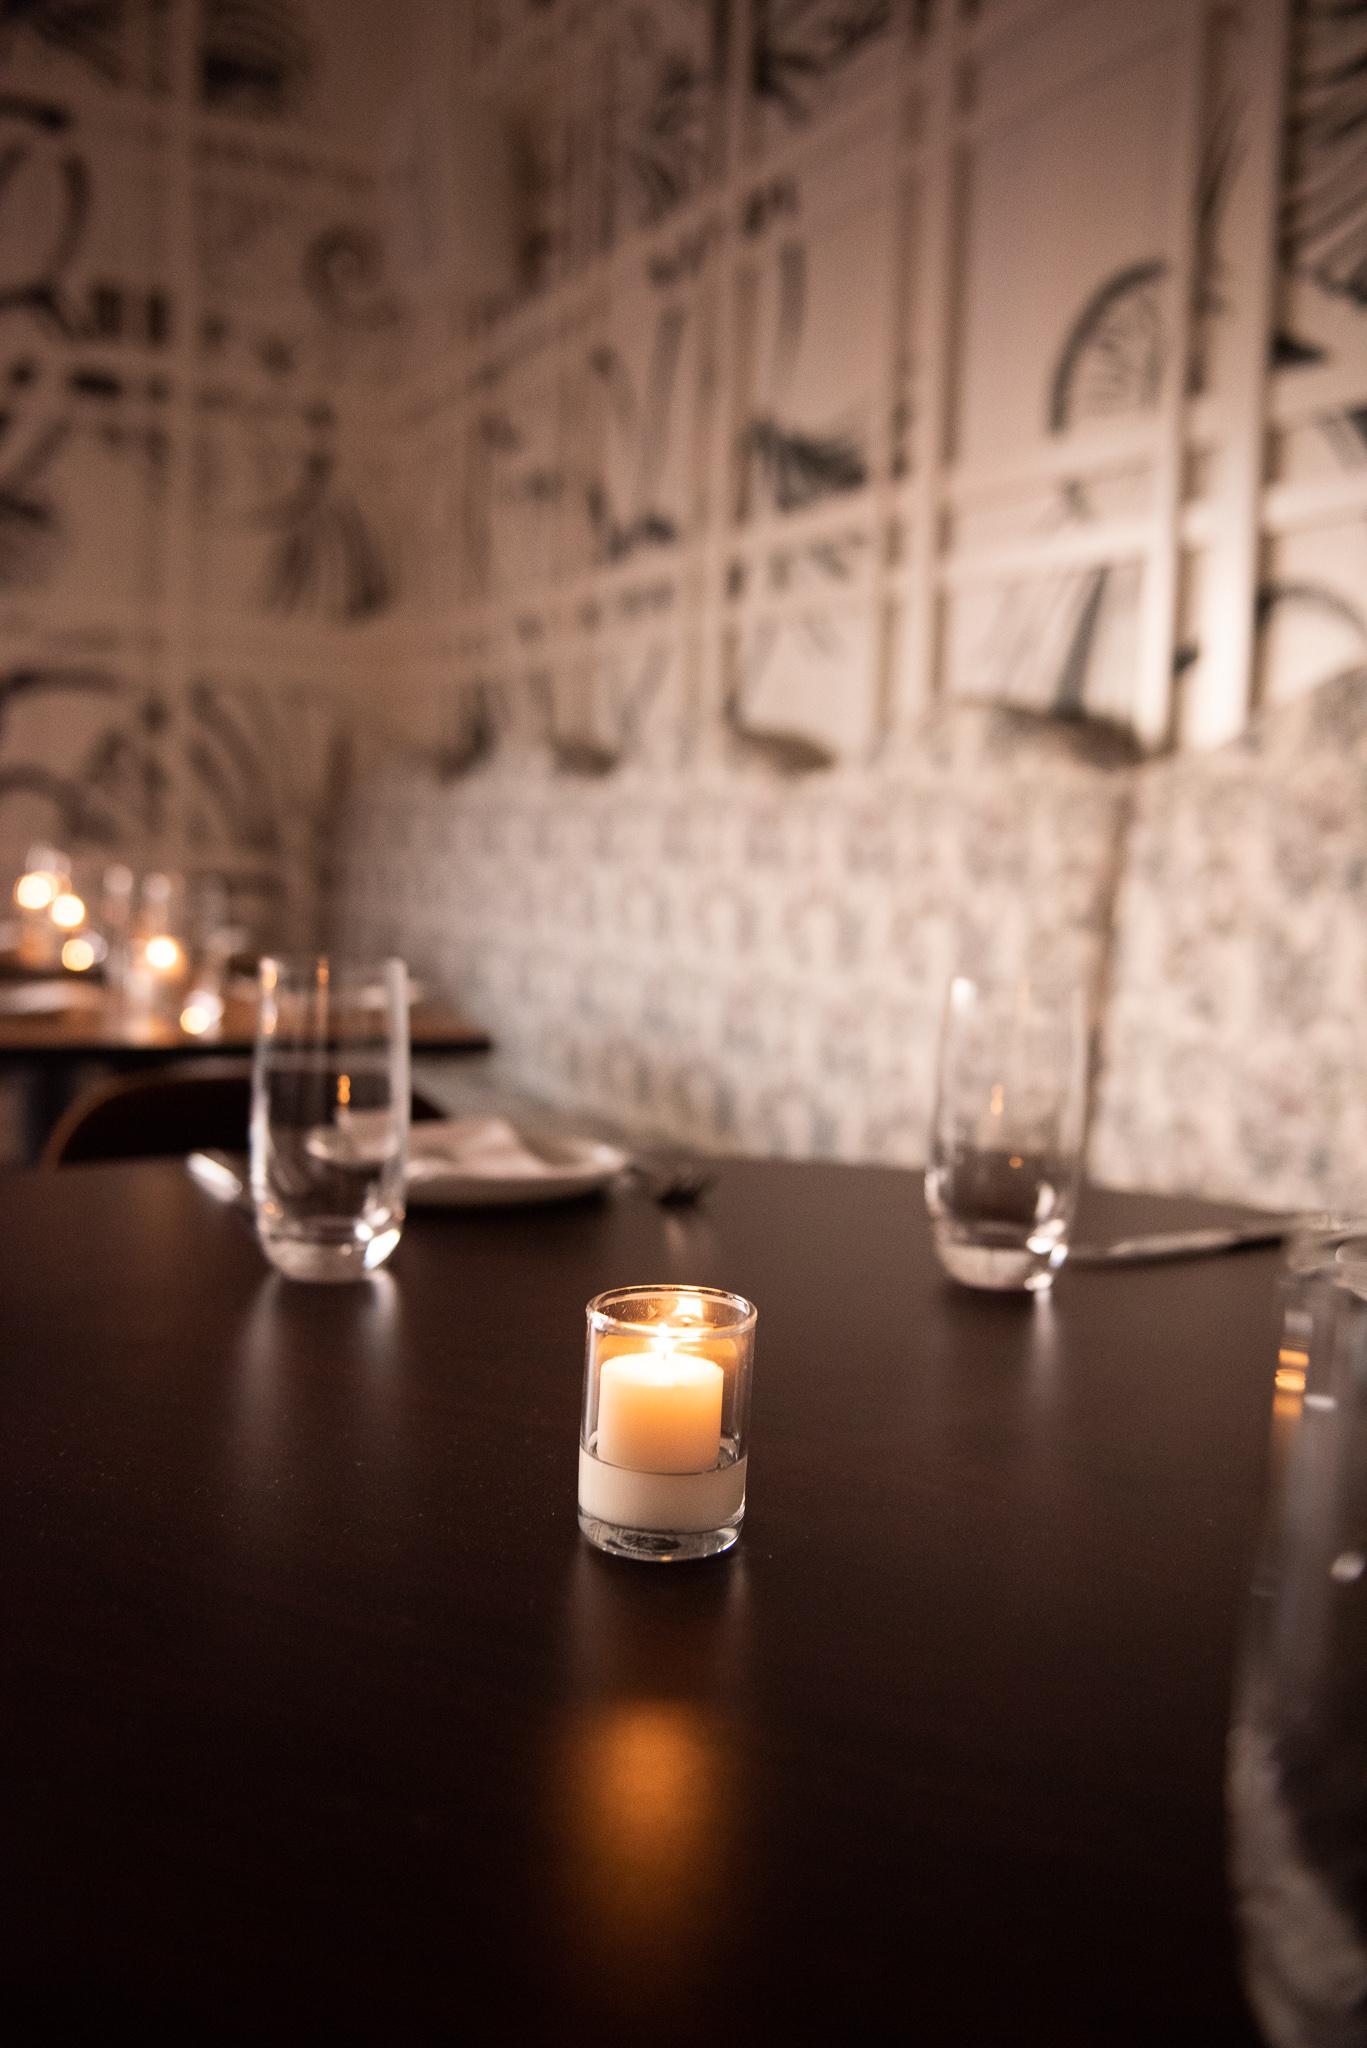 diningroom_detail_06.jpg